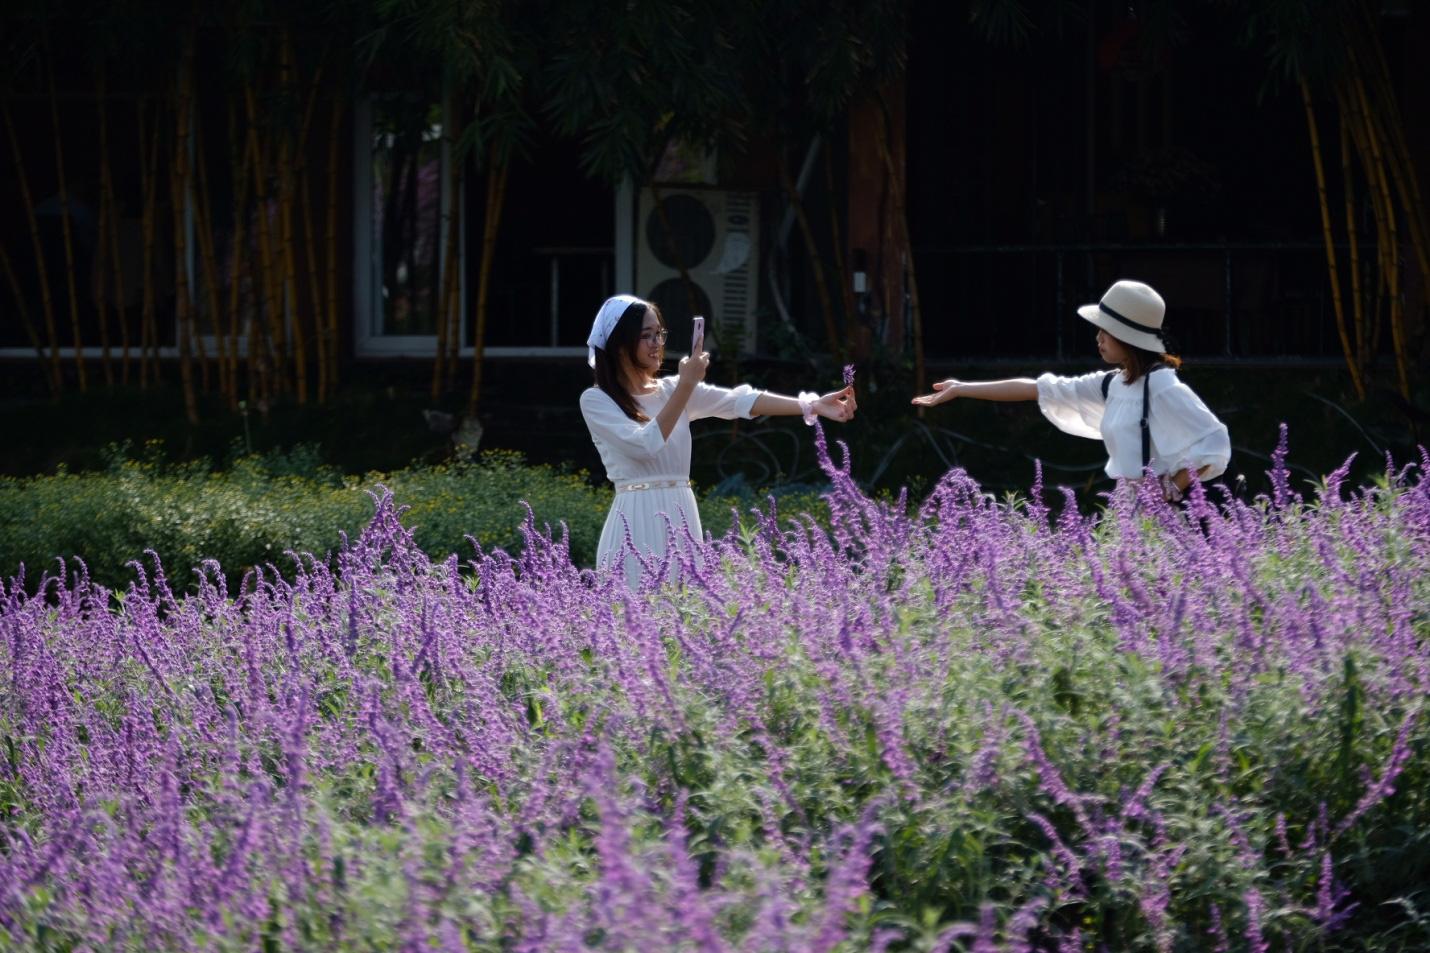 Địa điểm check-in các loài hoa đẹp bậc nhất trên thế giới nằm giữa lòng Hà Nội - Ảnh 5.